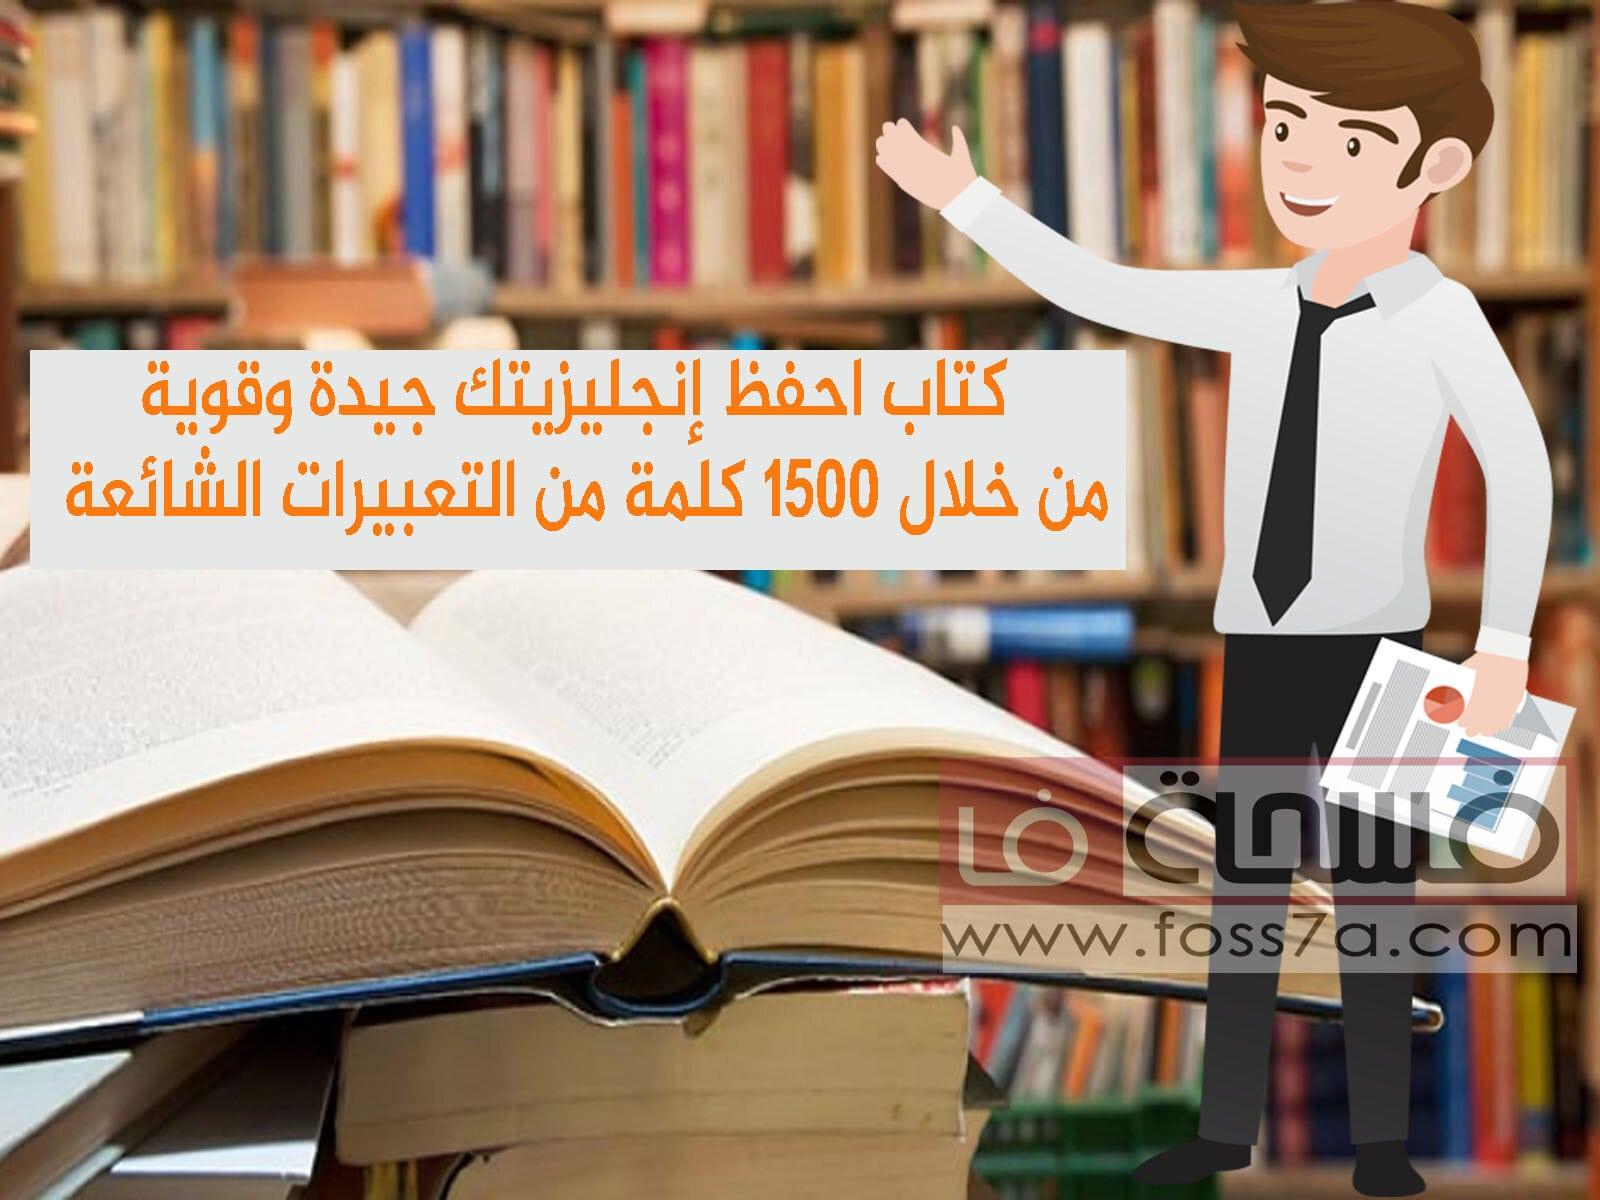 احفظ إنجليزيتك جيدة وقوية من خلال 1500 كلمة من التعبيرات الشائعة